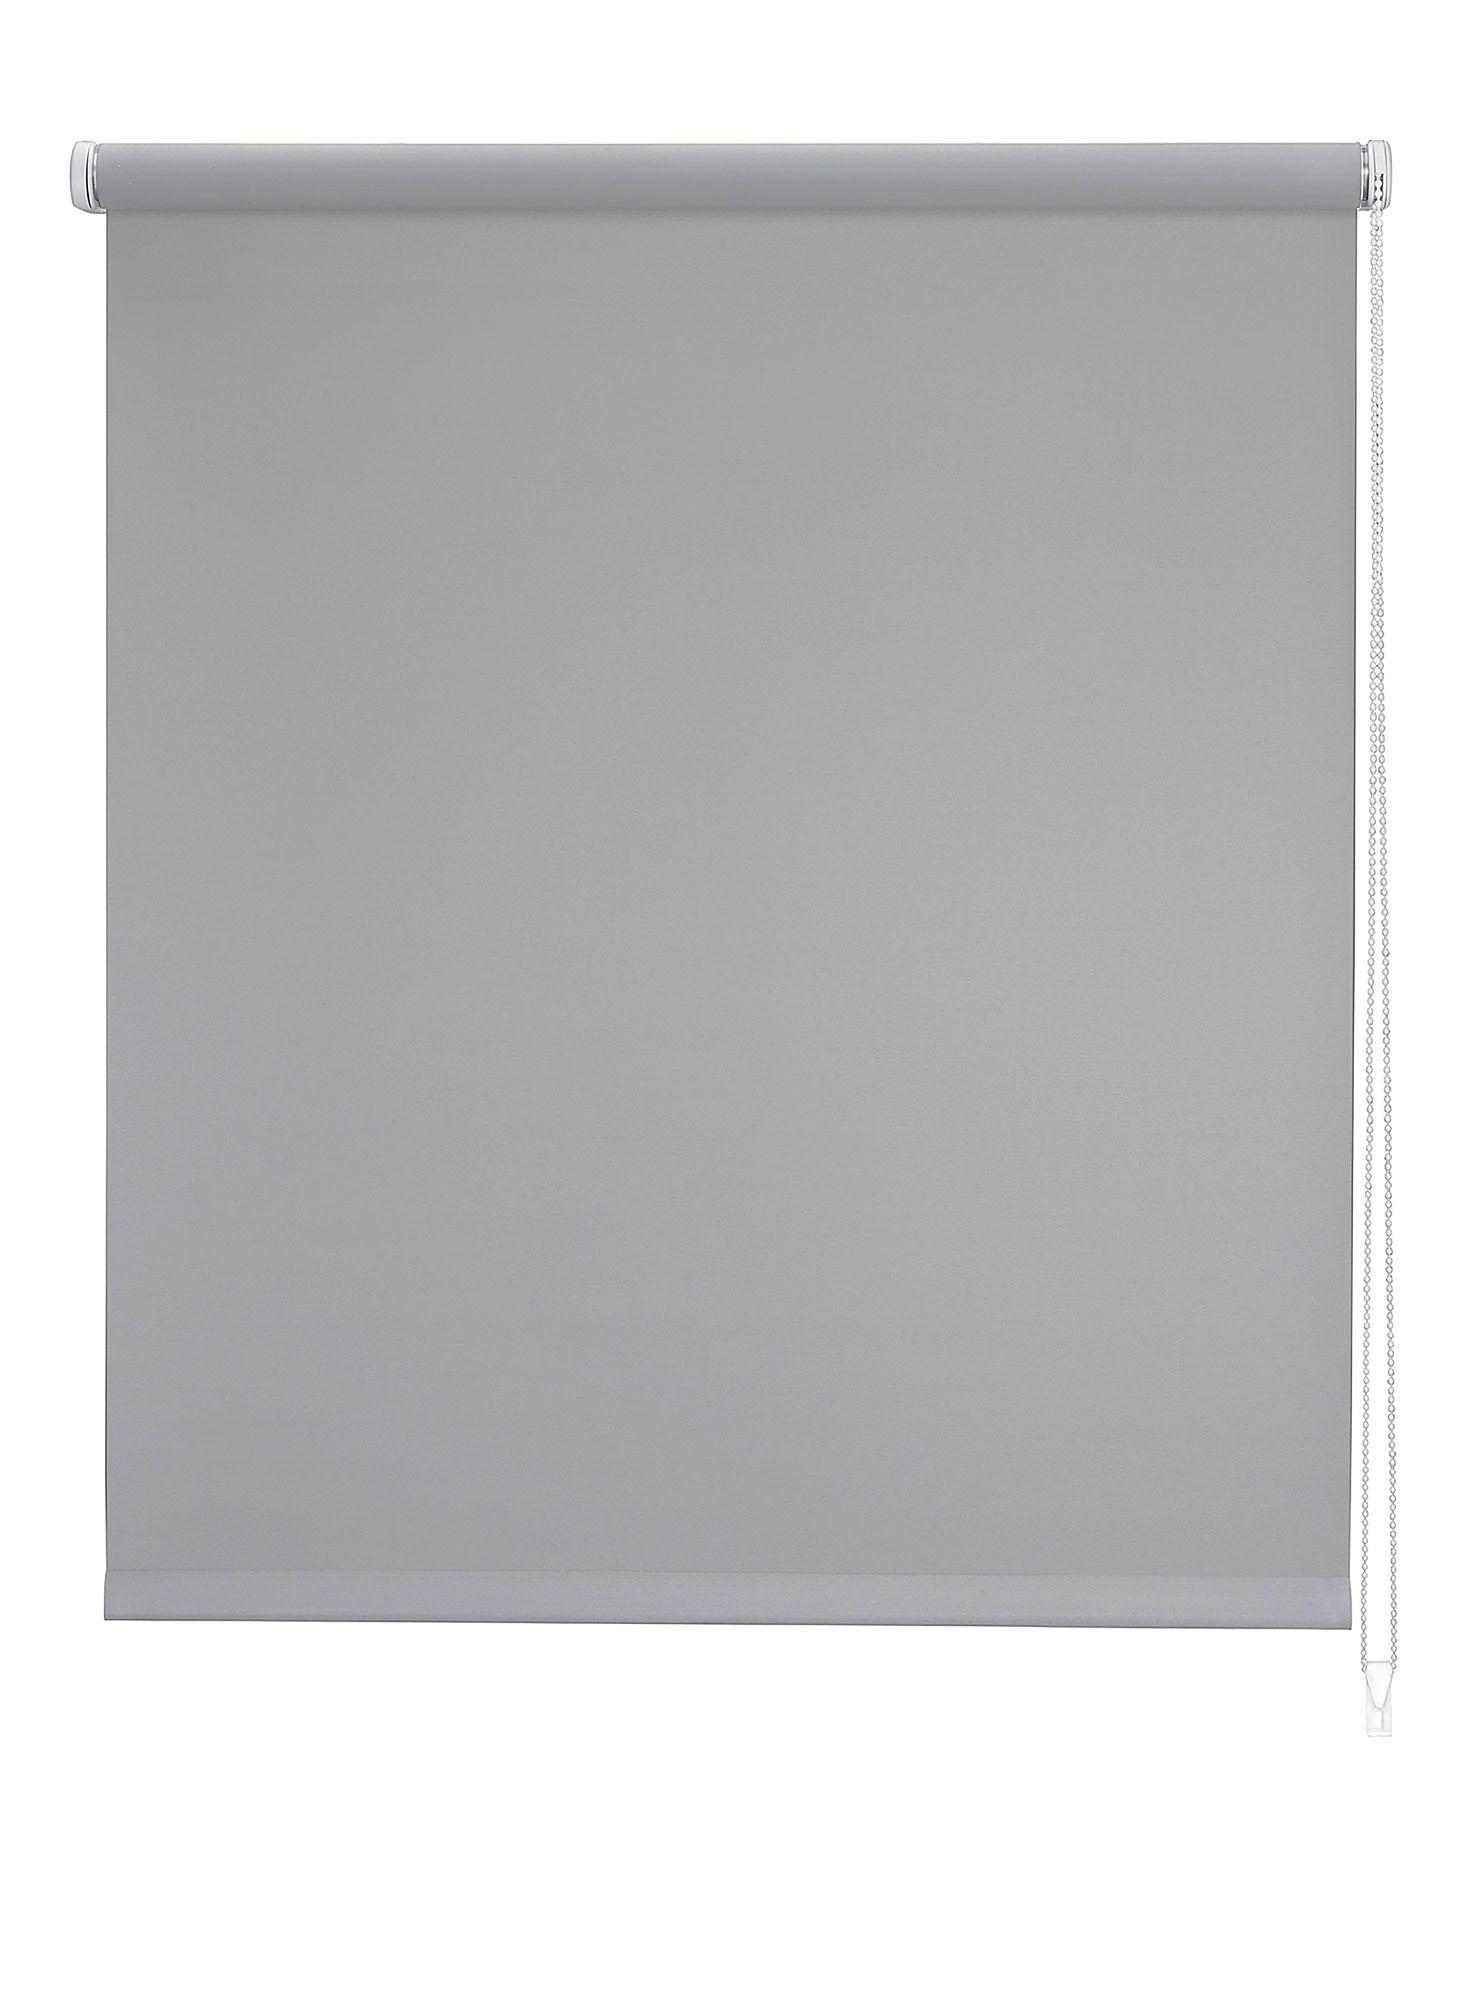 Store enrouleur Translucide - Gris - 150 x 250 cm